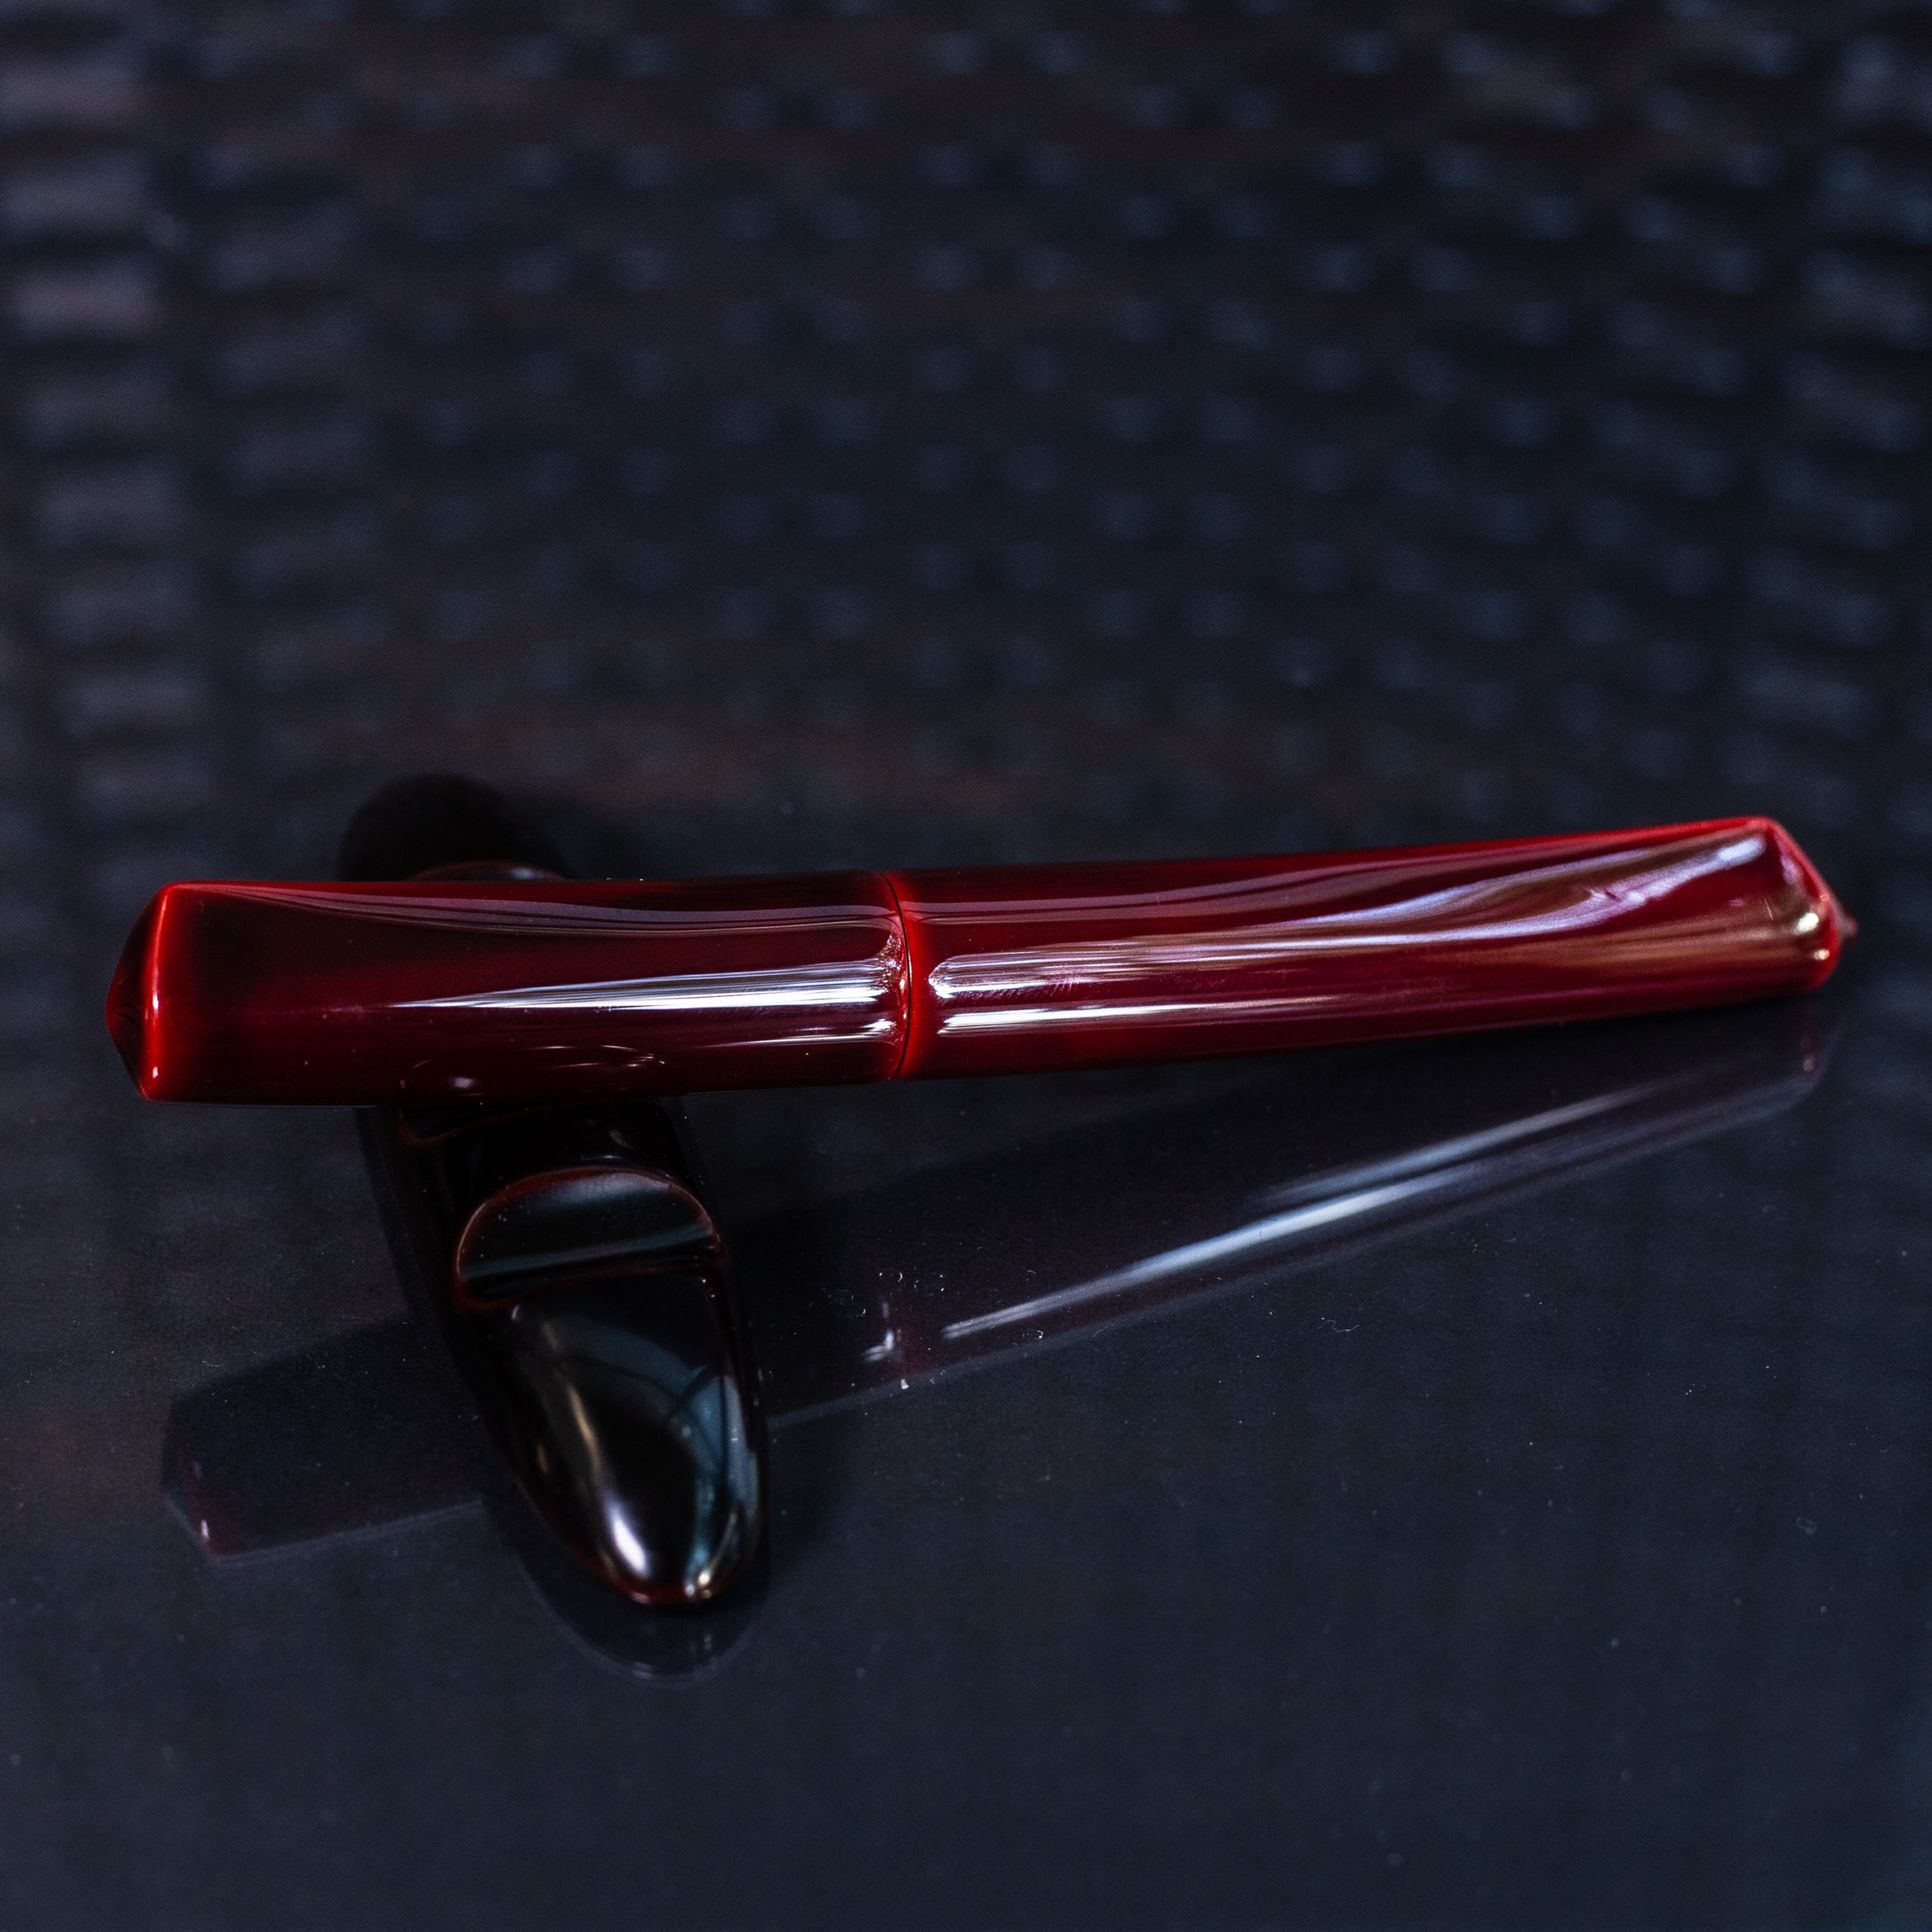 My grail pen – Nakaya Dorsal Fin v2 in aka-tamenuri.